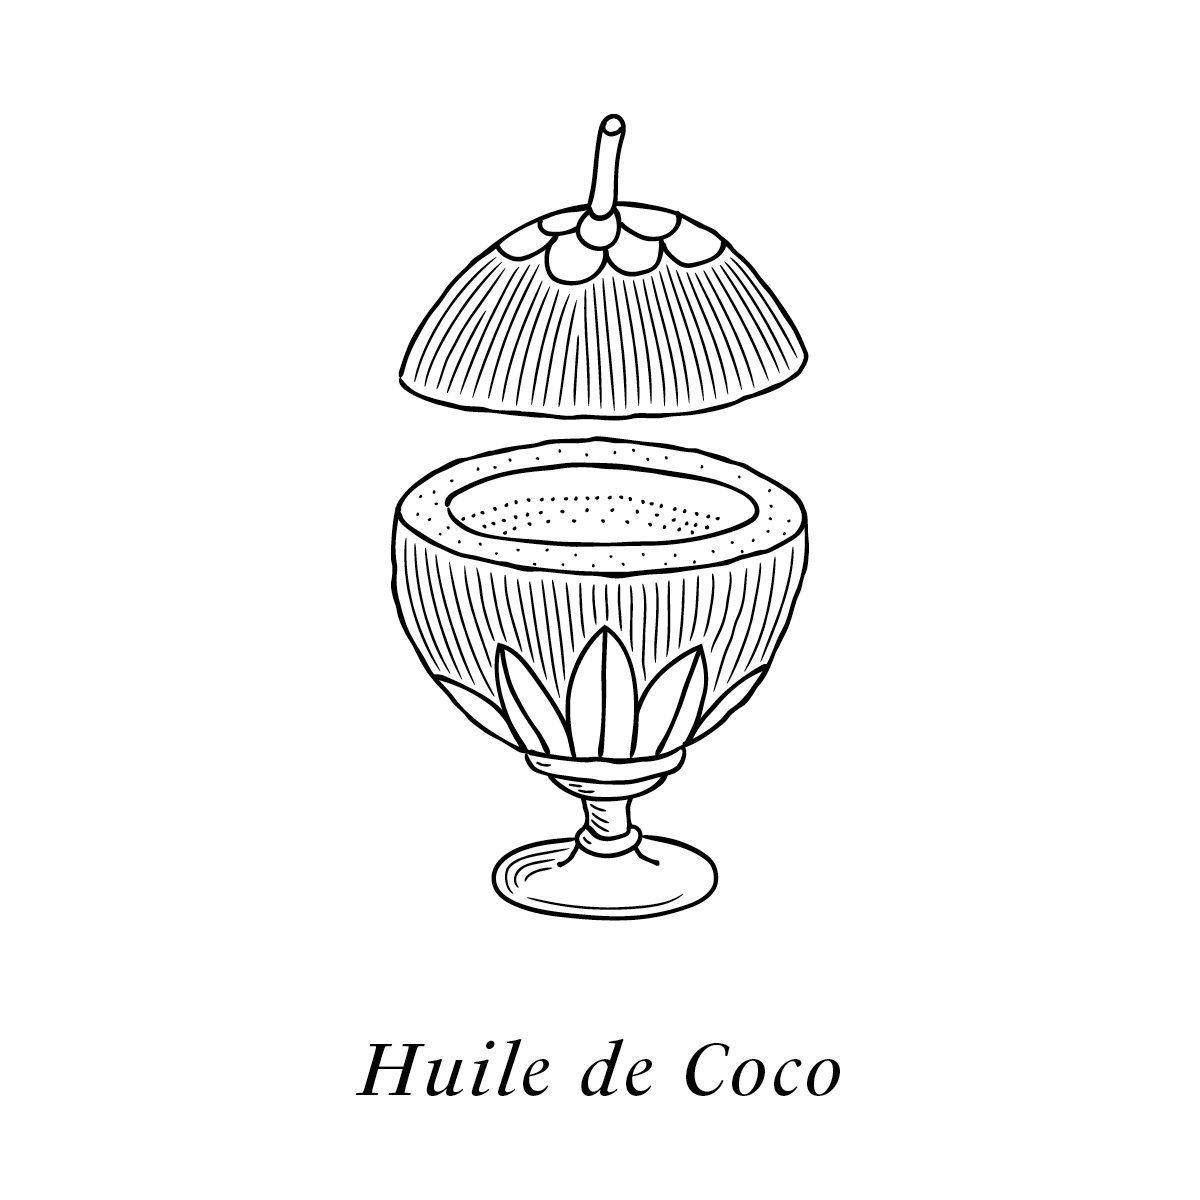 L'huile de coco dessiné par IchetKar, un des actifs du soin 100% non toxique et issu à 99% de source naturelle.